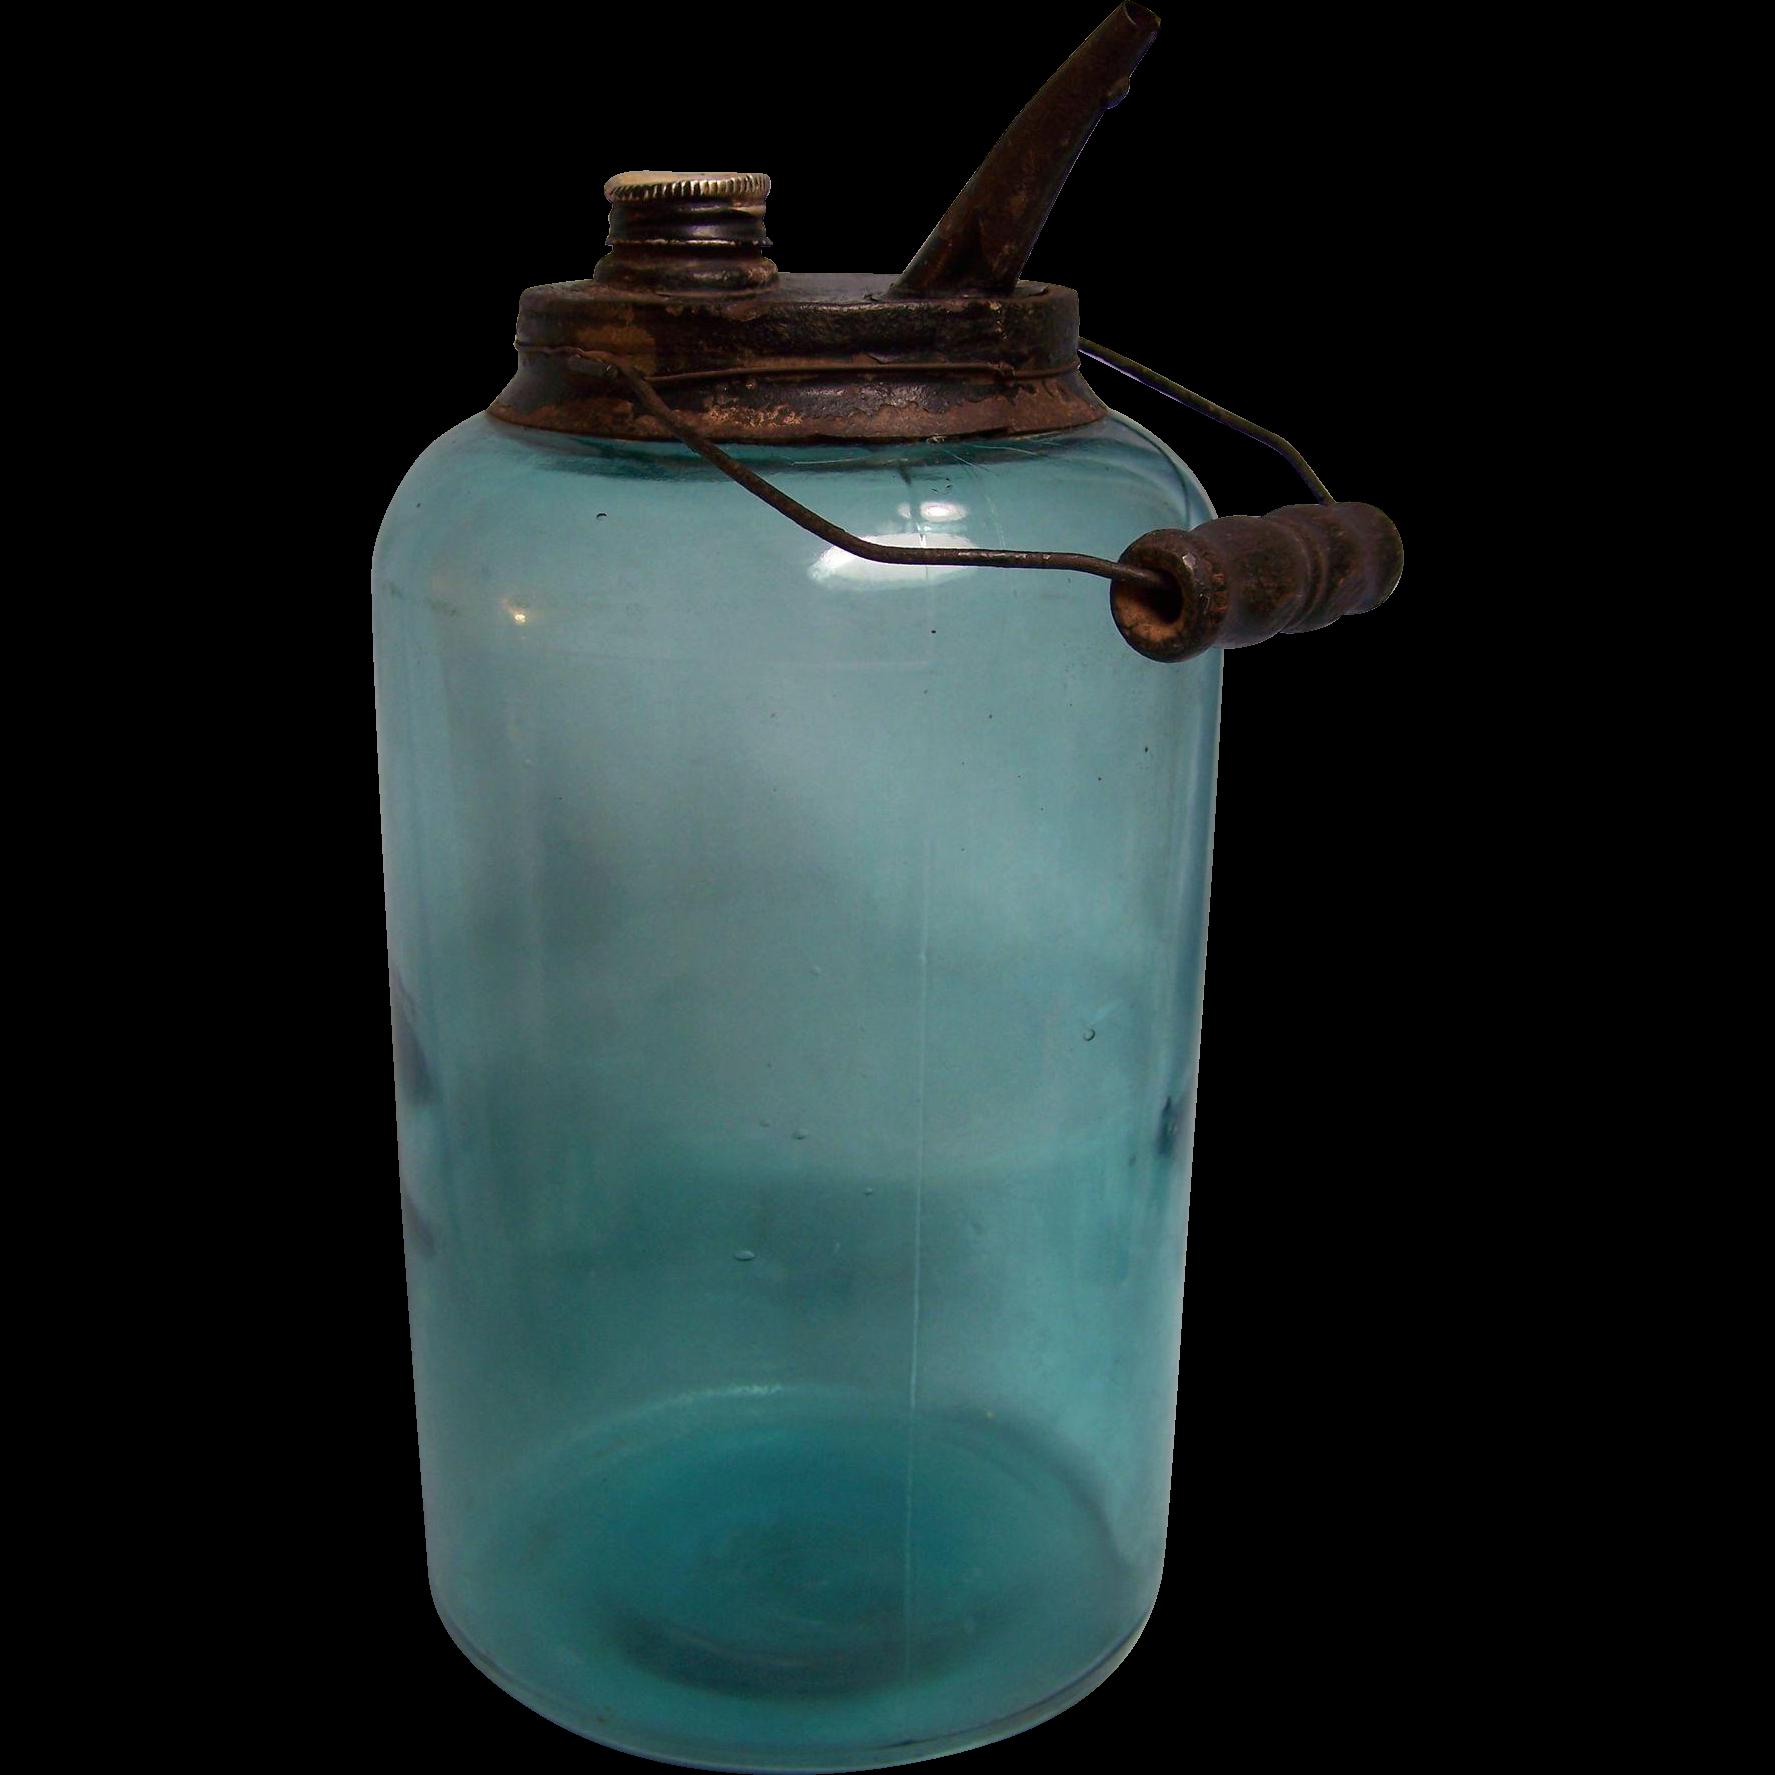 Dandy Kerosene Railroad Oil Jar Blue